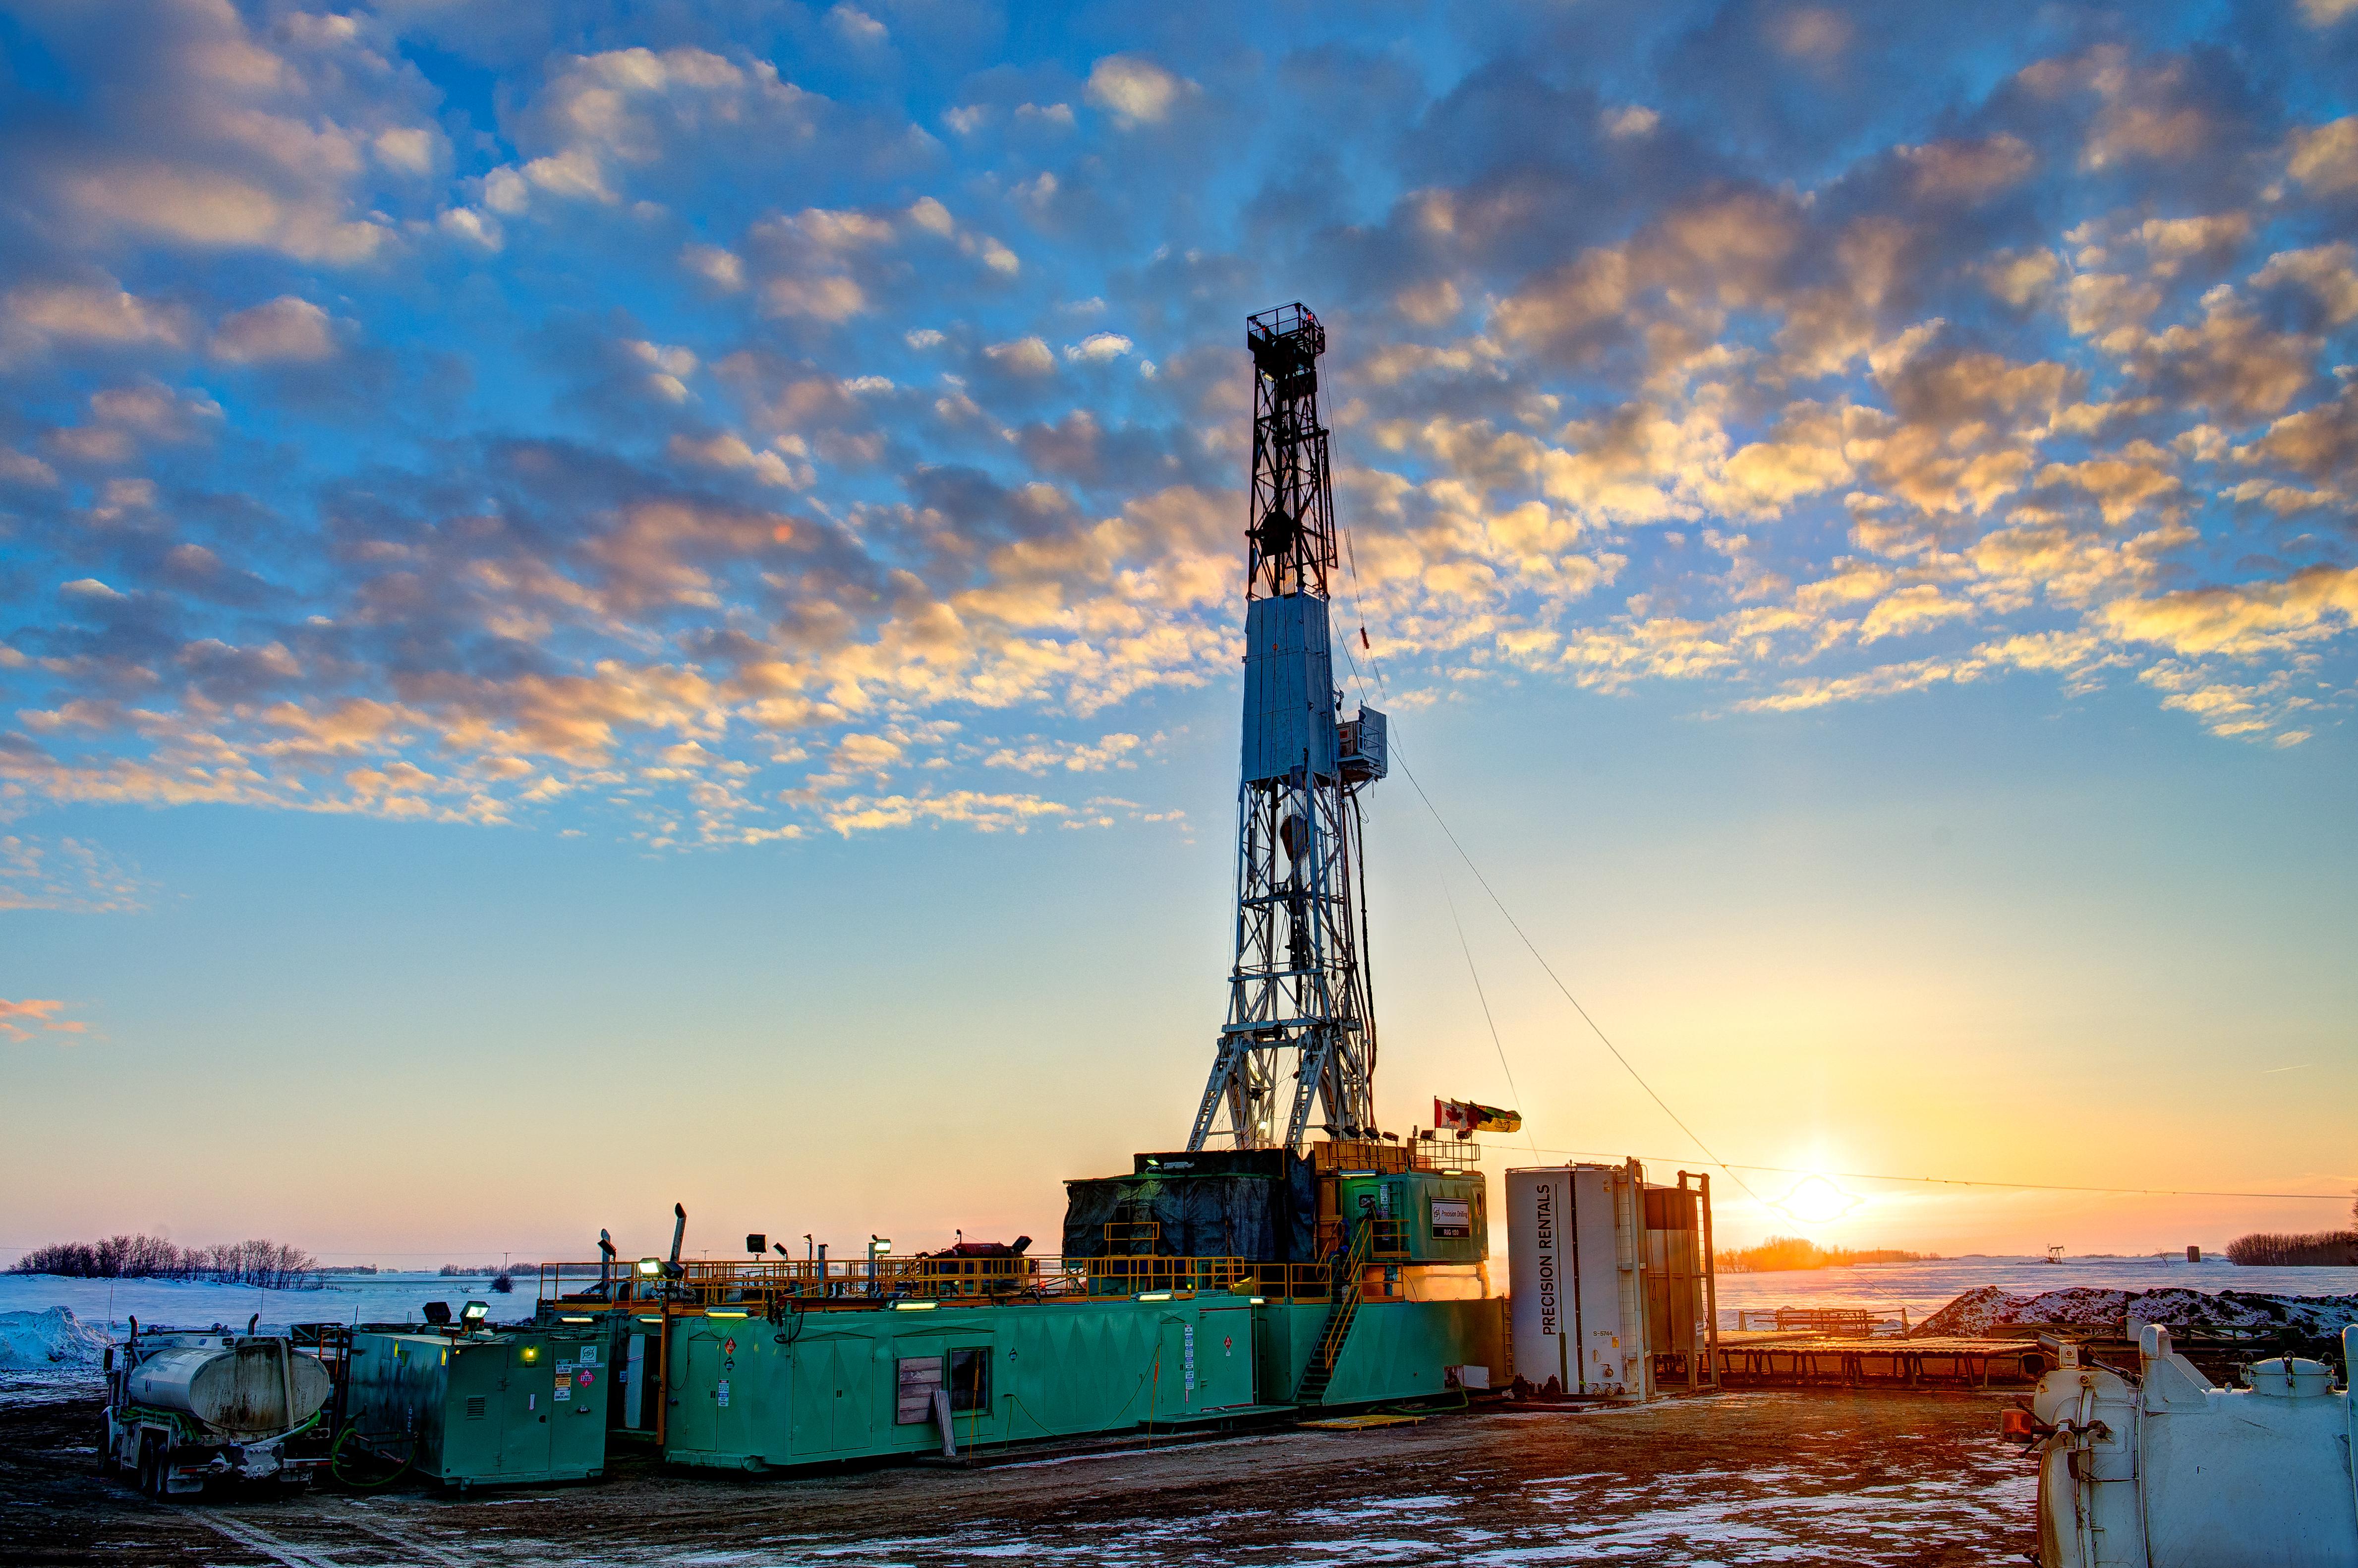 Судебная экспертиза нефтедобывающего предприятия